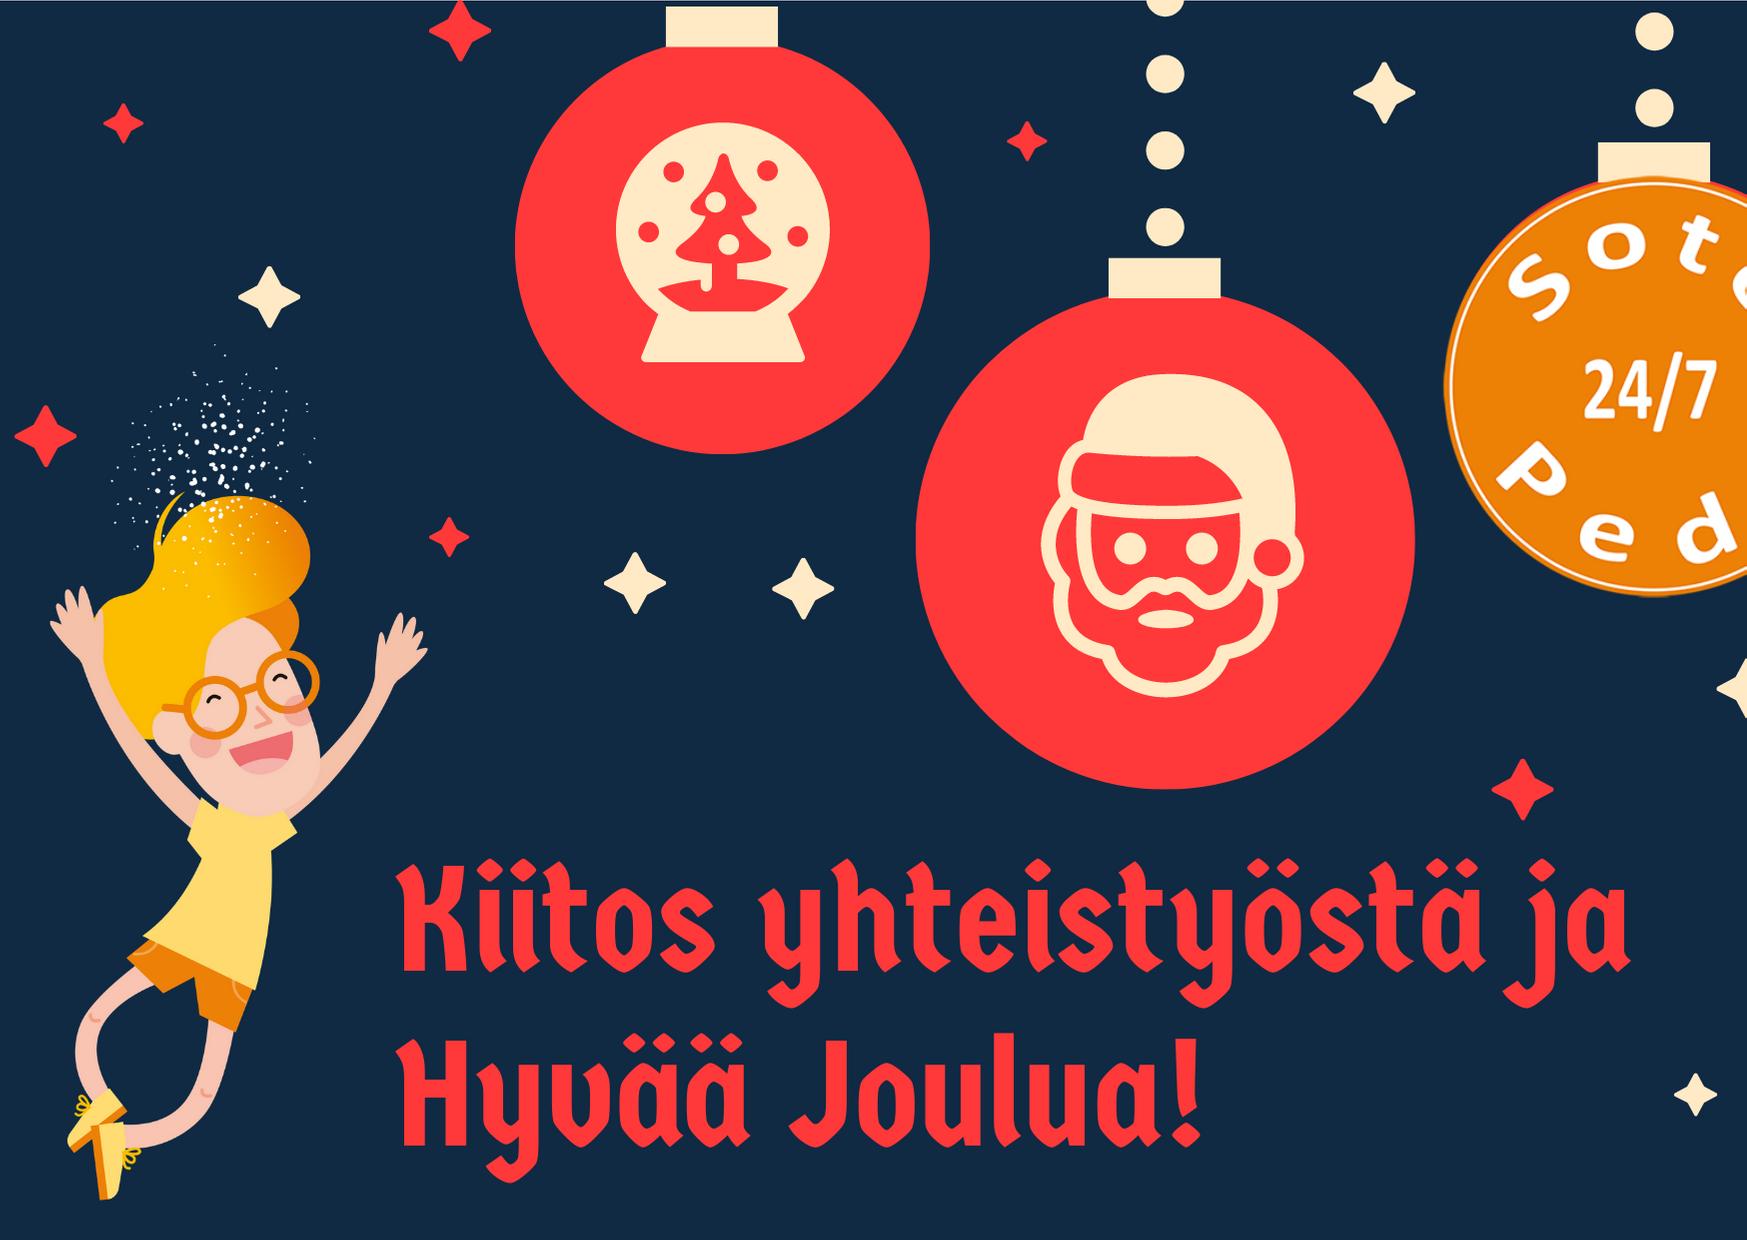 Hyvää joulua SotePeda 24/7 -hankkeesta!